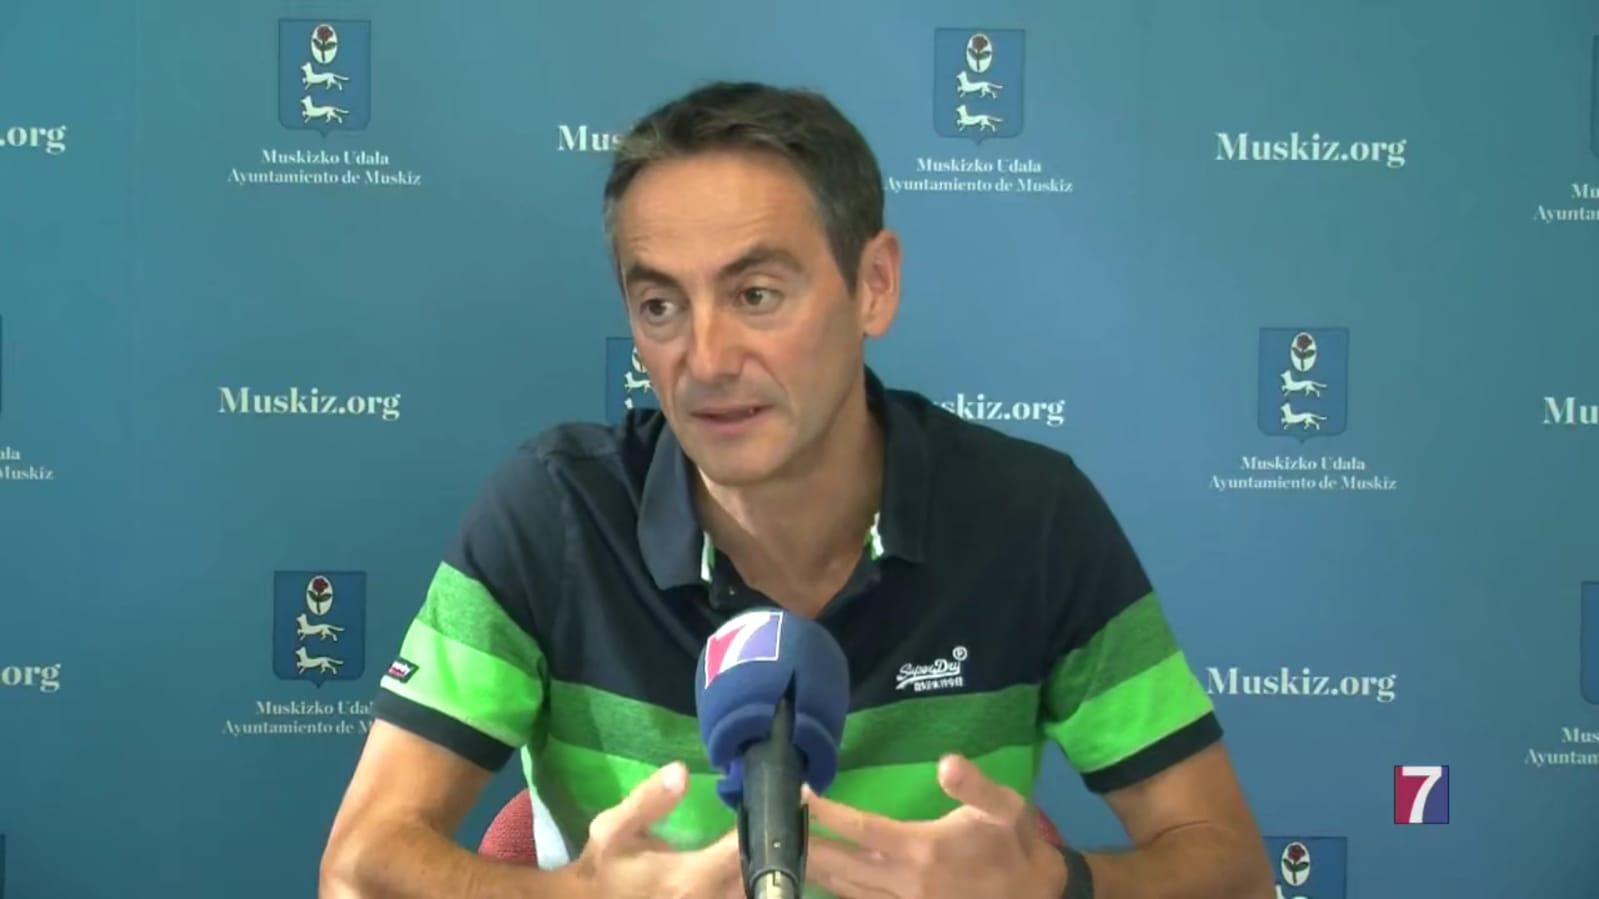 El ayuntamiento de Muskiz destina 10.000 euros en ayudas al estudio del euskera